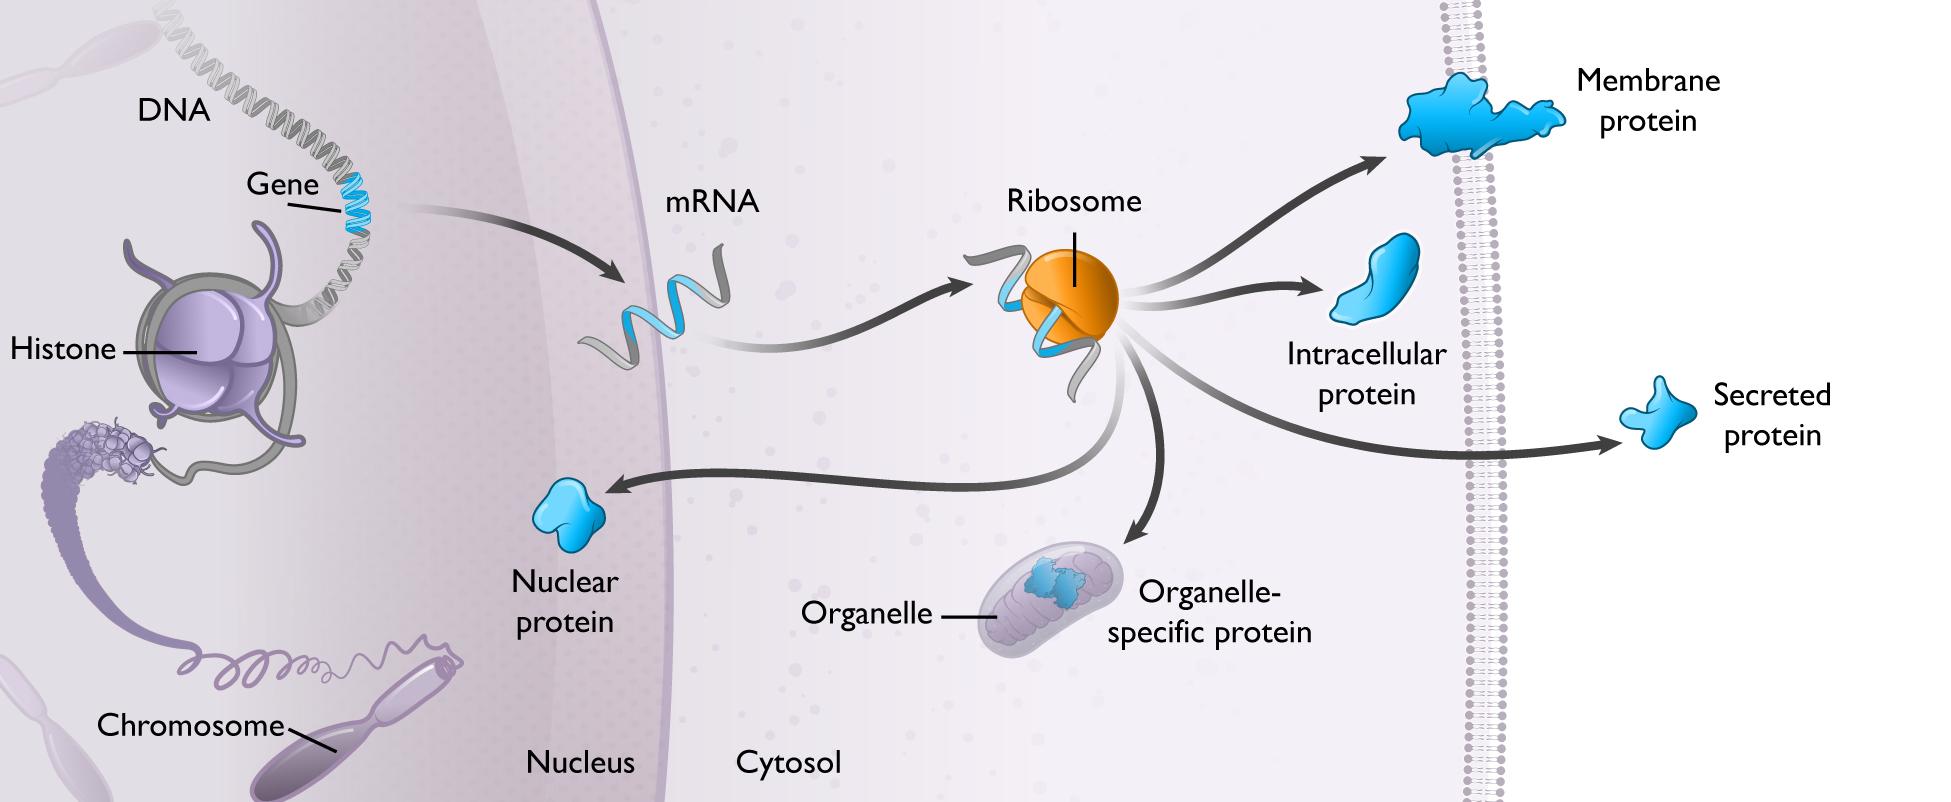 https://cdn.kscope.io/82869259e6e6063dc0e6b9cbf509149e-modularsynthesisproteinprod2.jpg